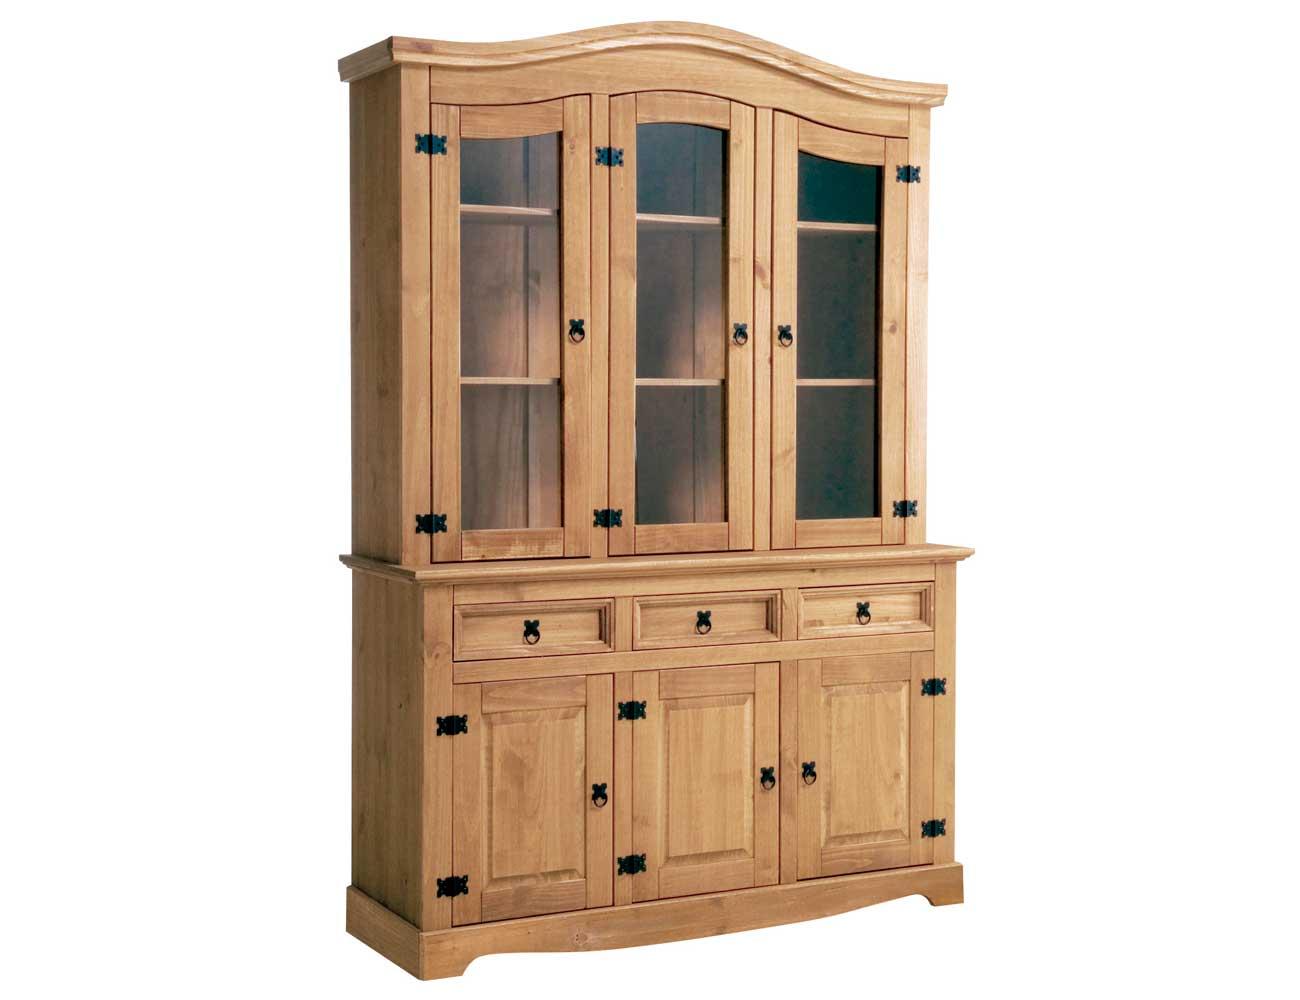 Librero expositor con aparador comedor madera rustico nogal claro vitrina cristal 143 cm